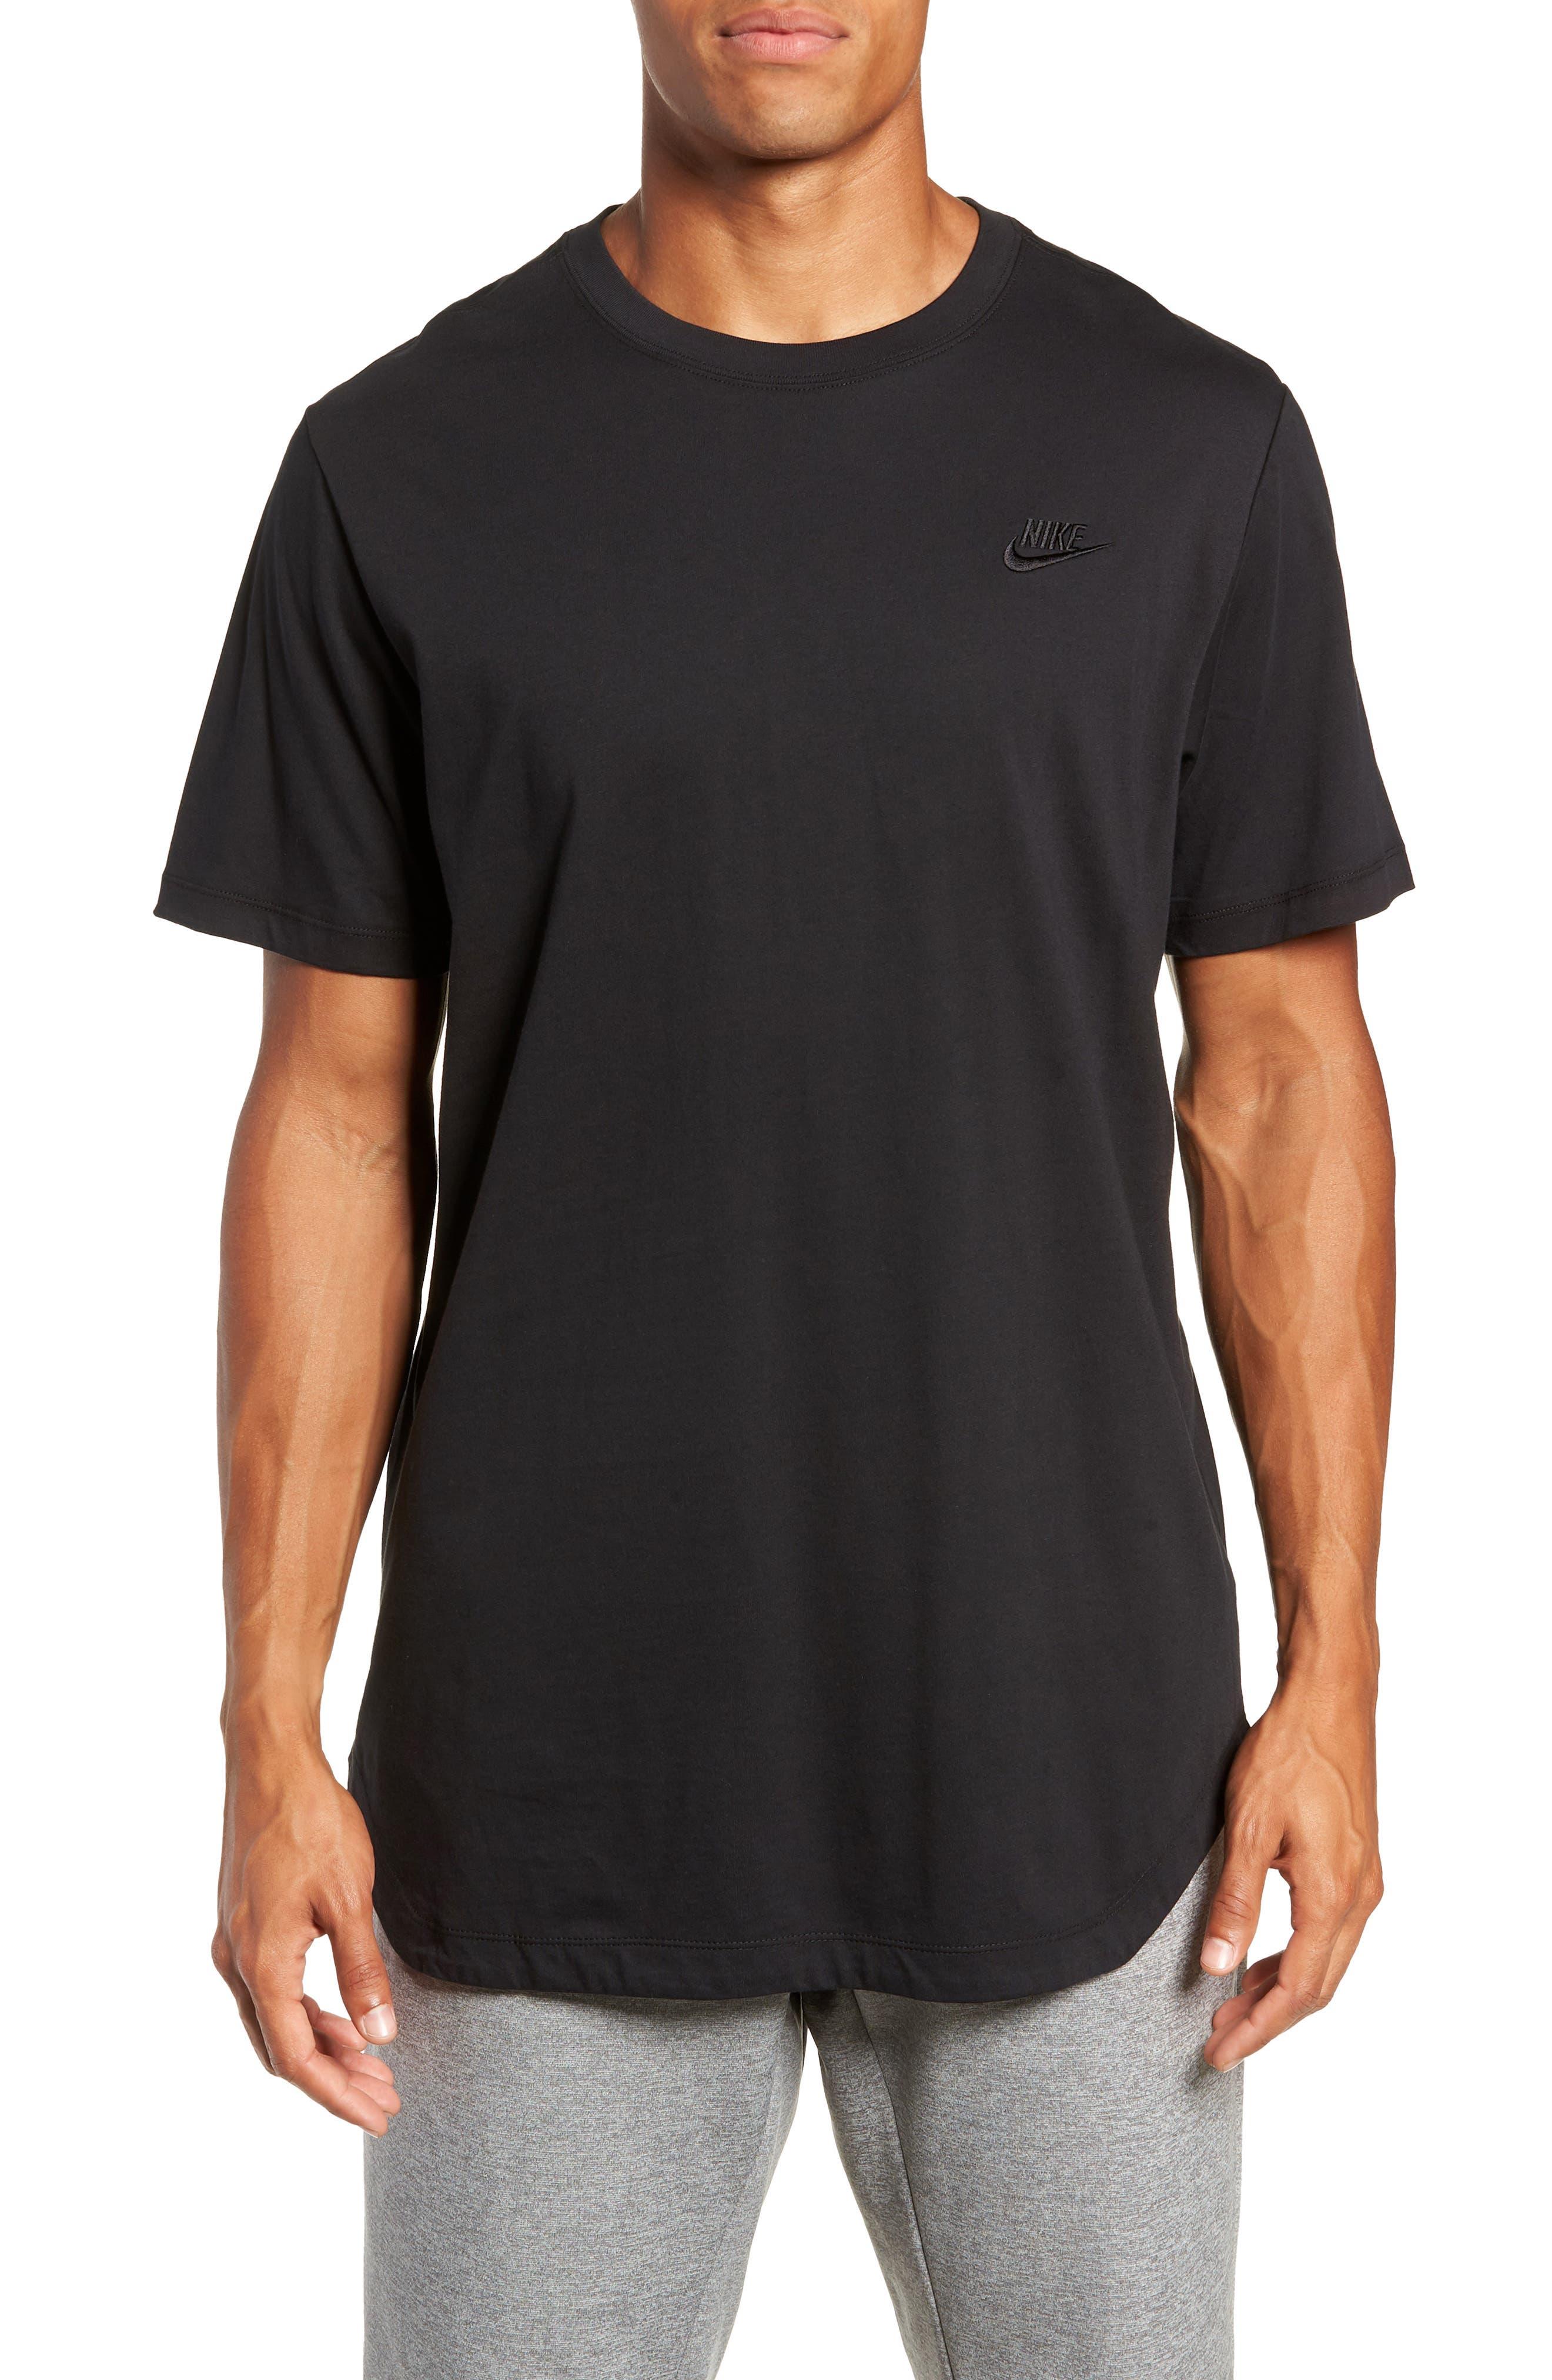 NSW Futura T-Shirt,                             Main thumbnail 1, color,                             BLACK/ BLACK